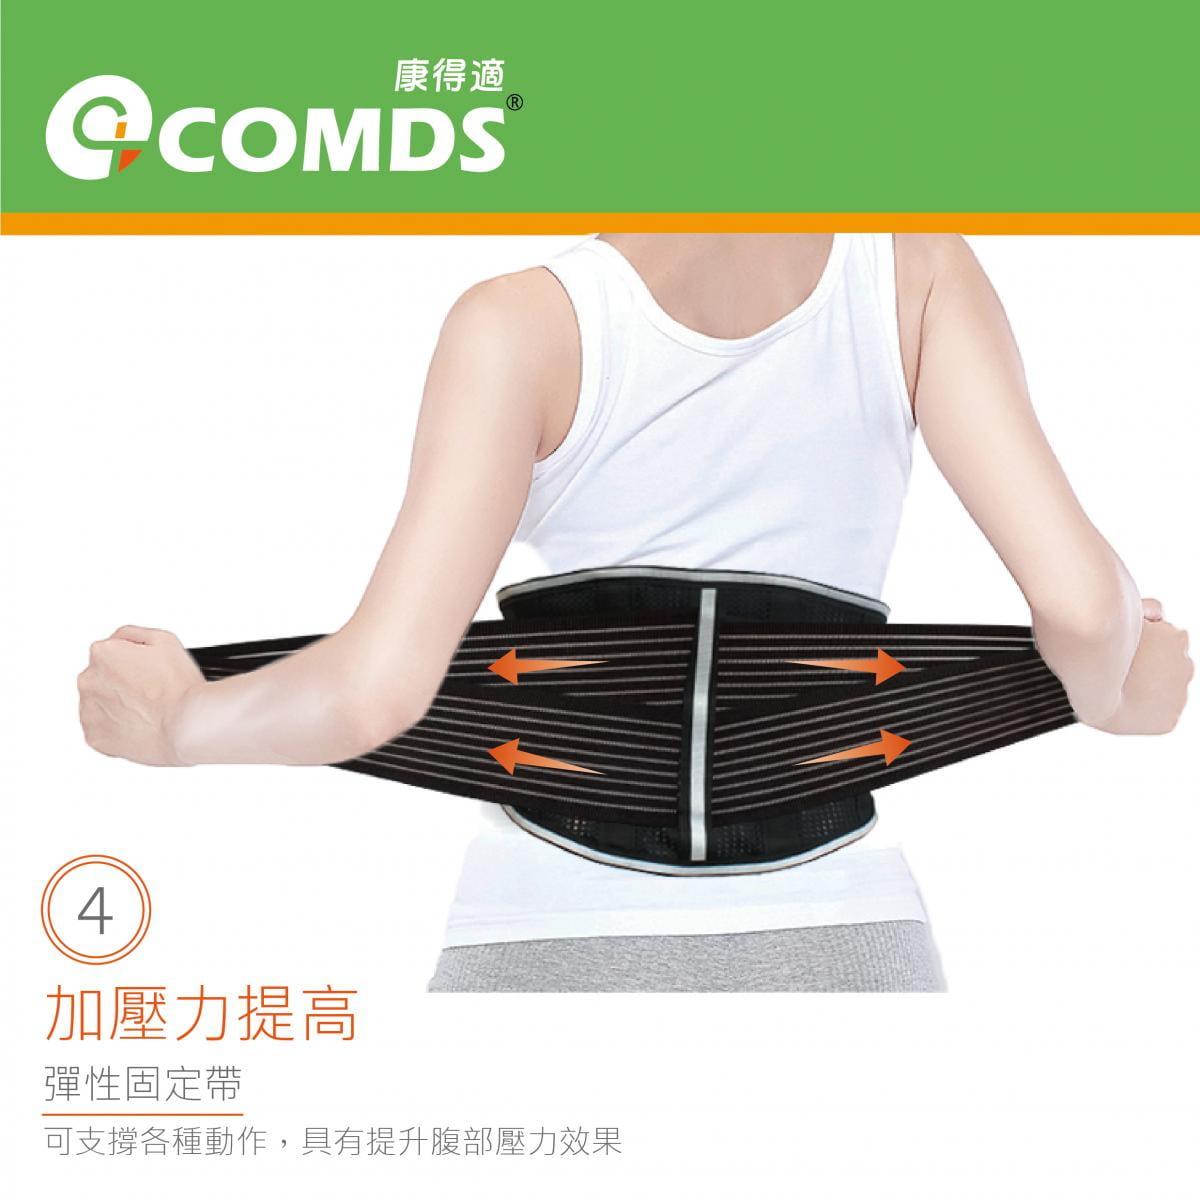 【康得適】UL-501反光纖薄護腰 微笑標章台灣製造 4